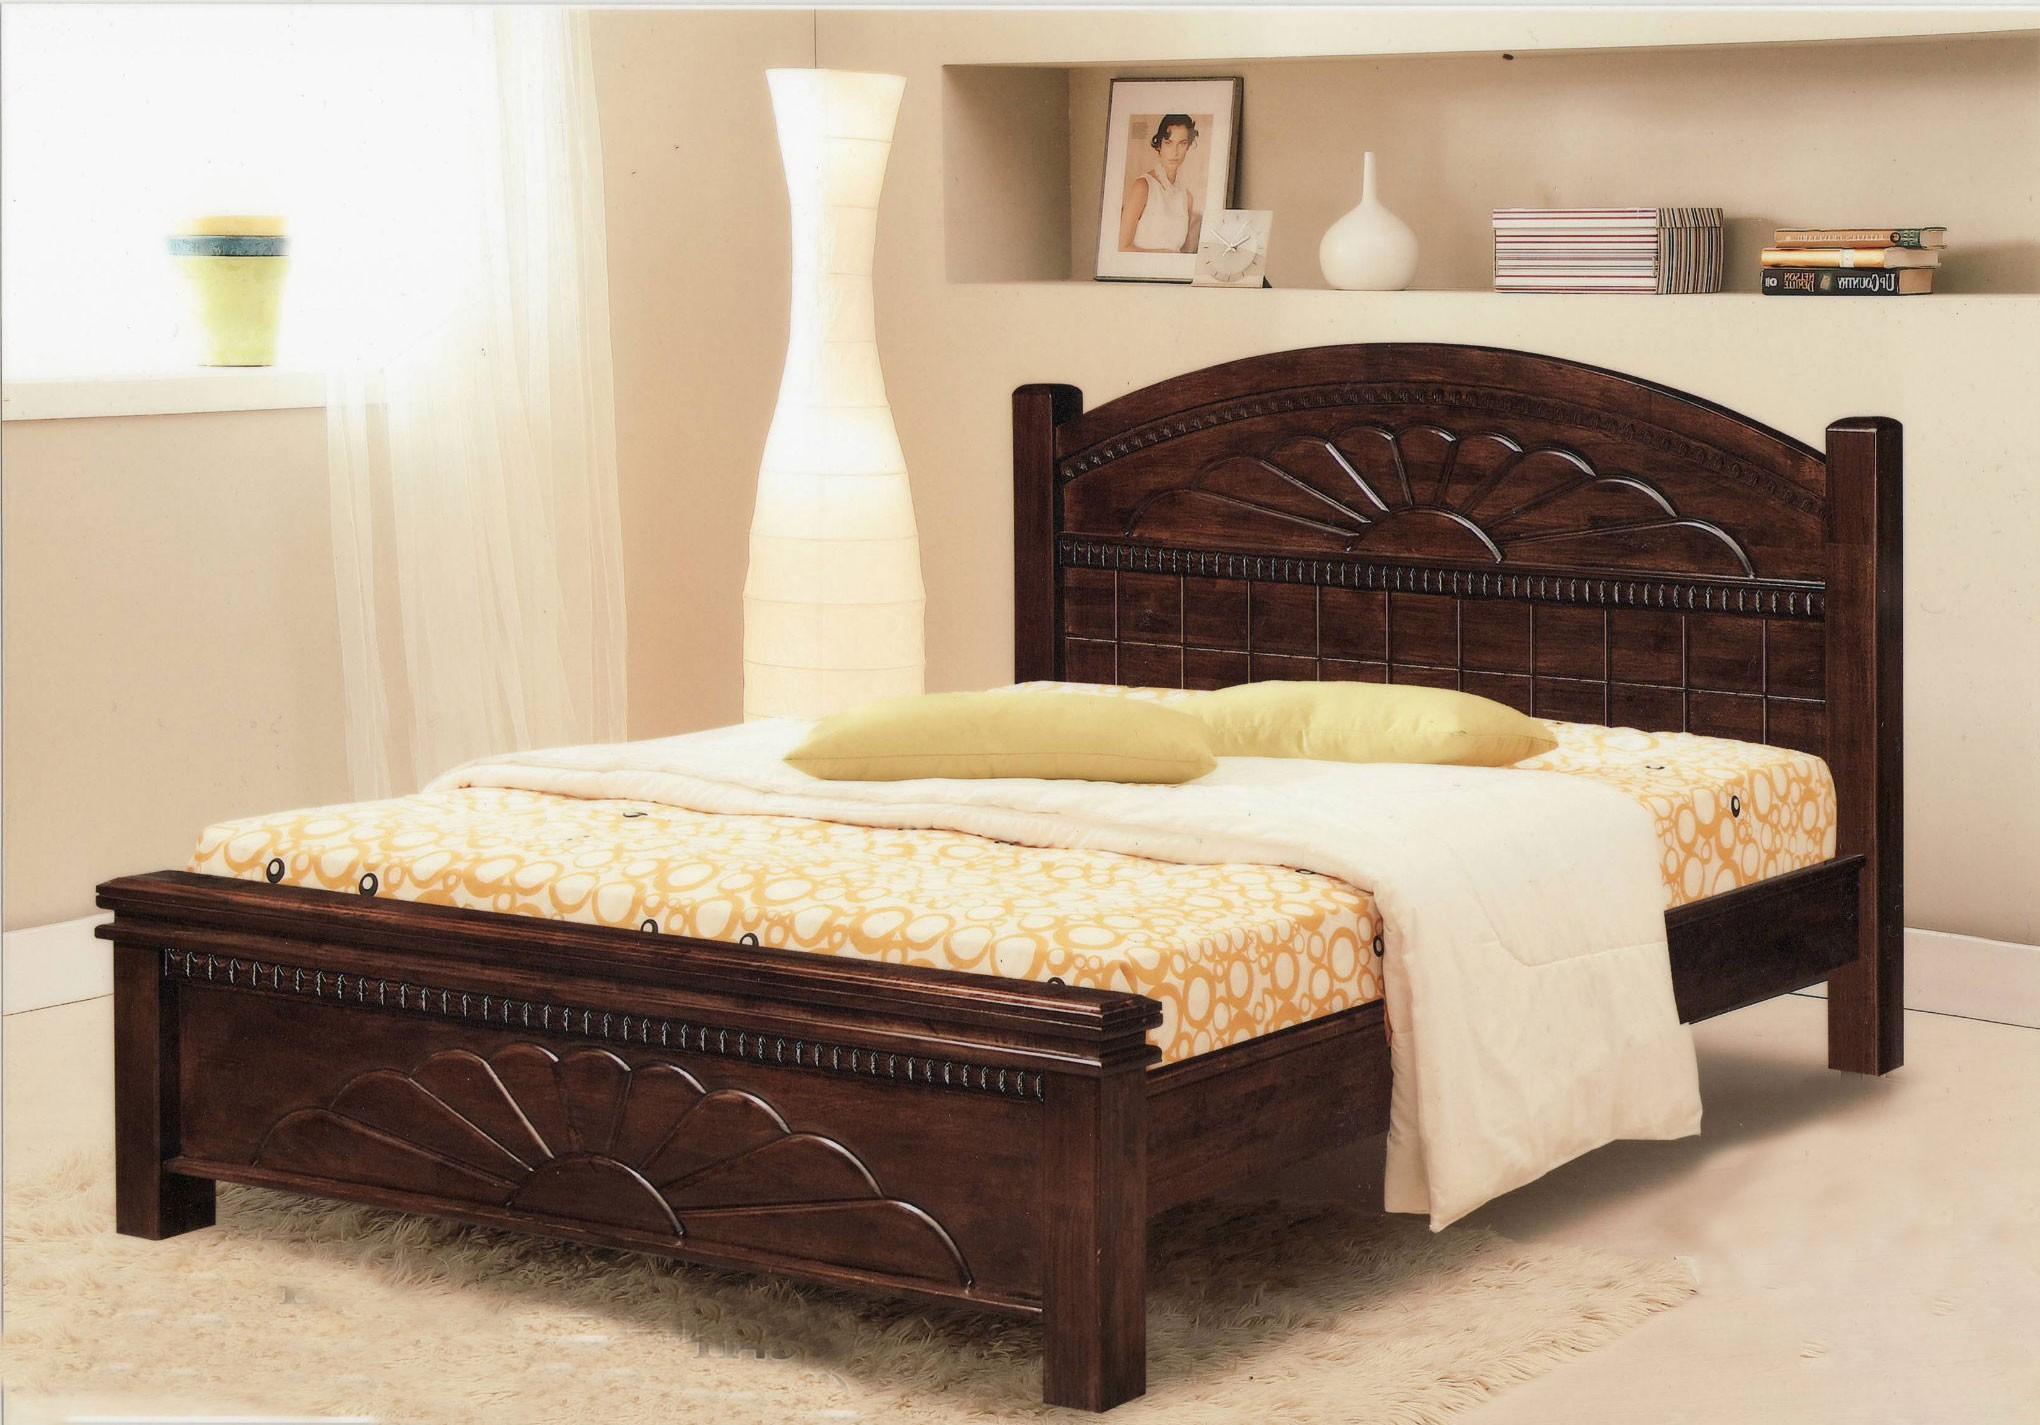 Кровать из темного дерева в интерьере спальни